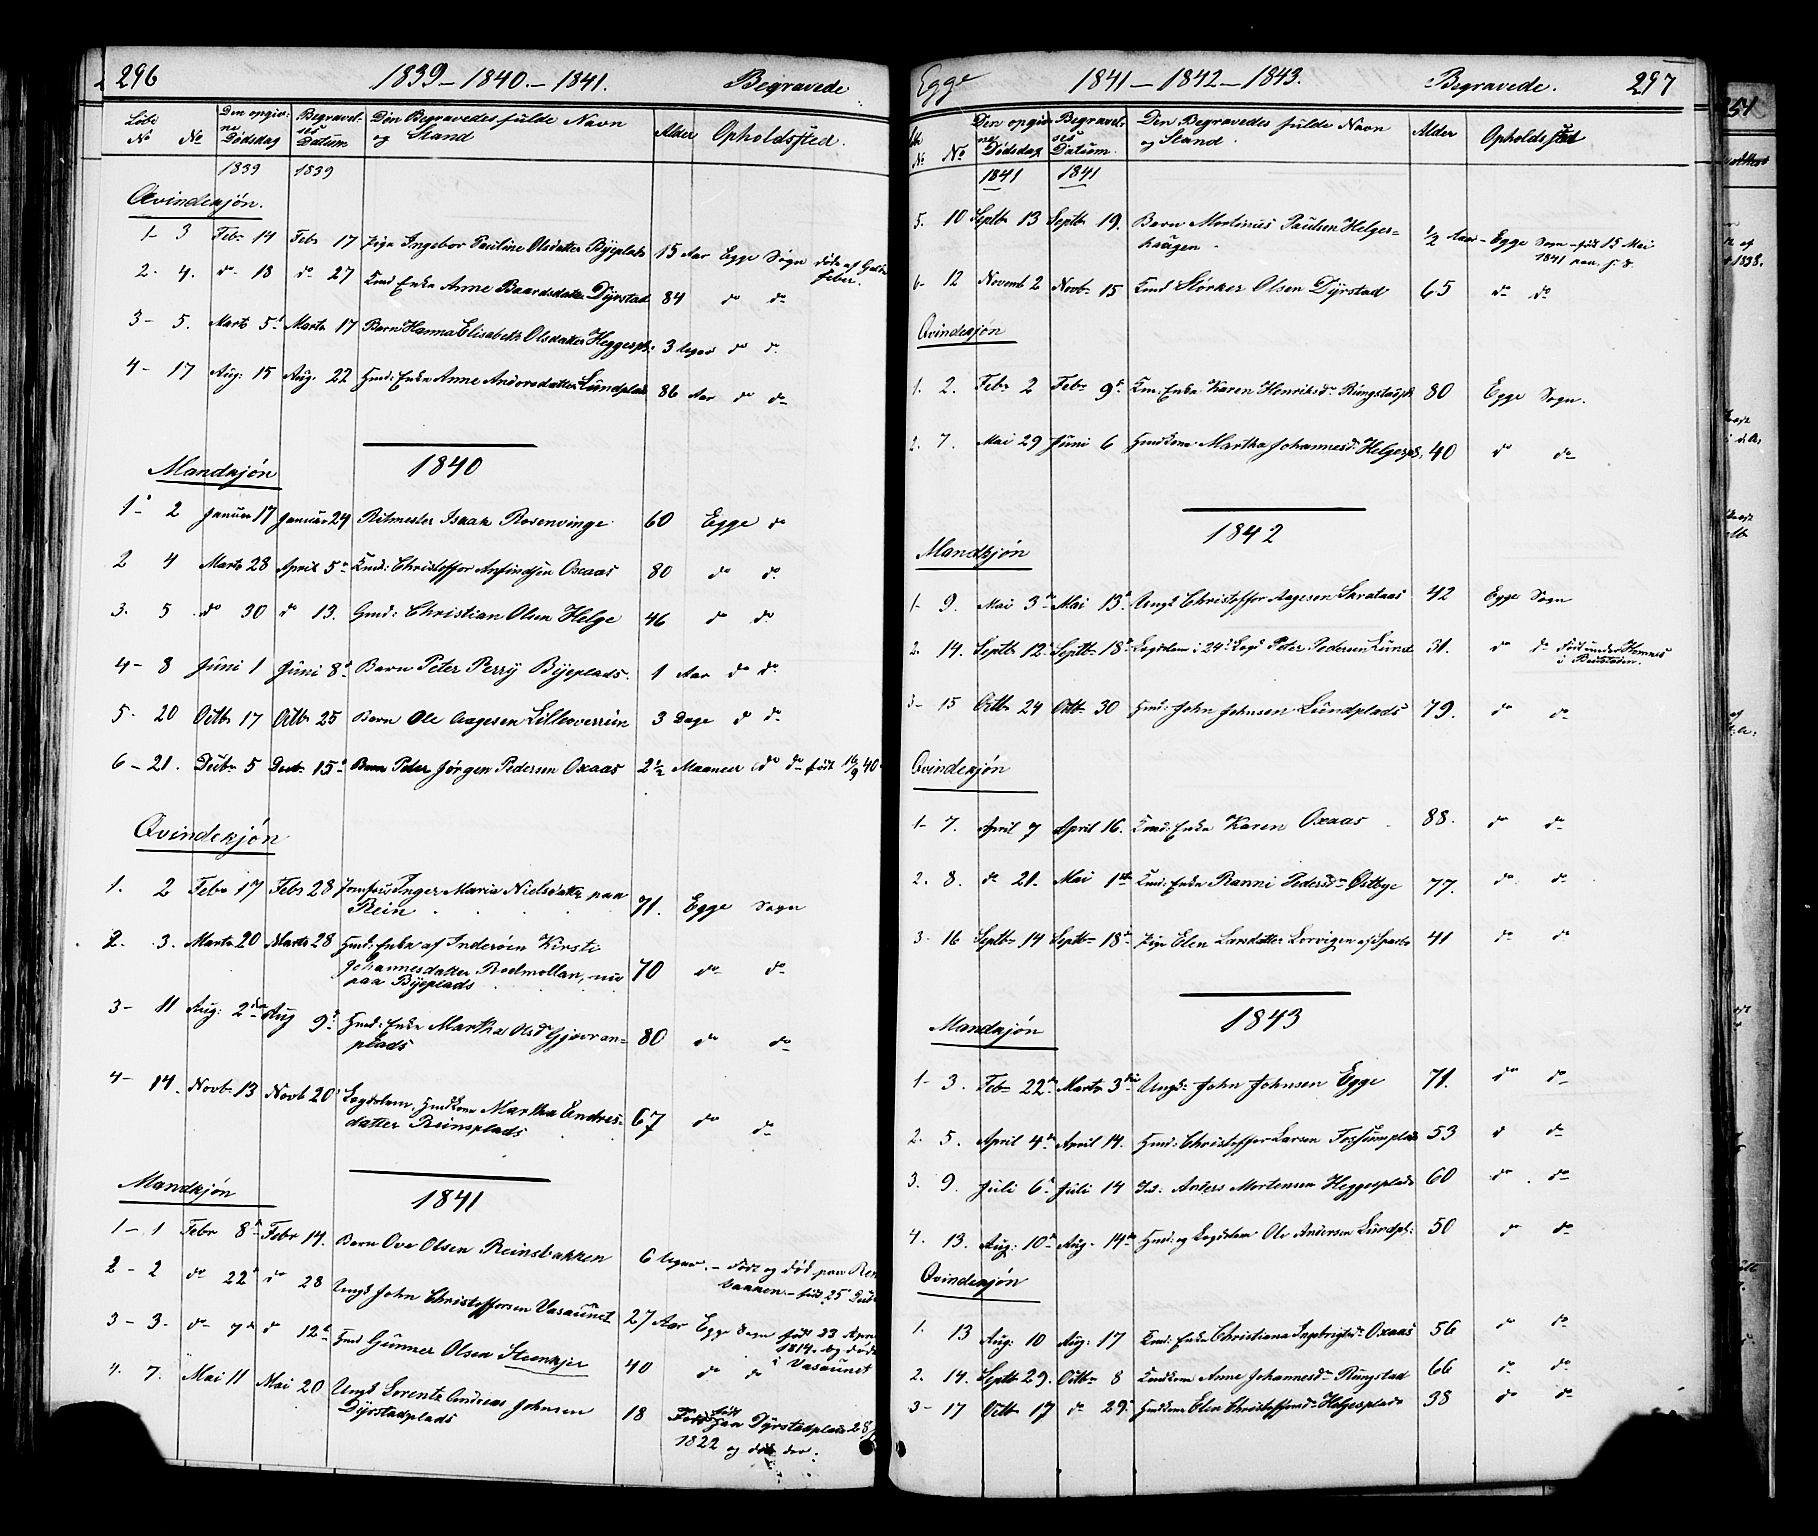 SAT, Ministerialprotokoller, klokkerbøker og fødselsregistre - Nord-Trøndelag, 739/L0367: Ministerialbok nr. 739A01 /3, 1838-1868, s. 296-297